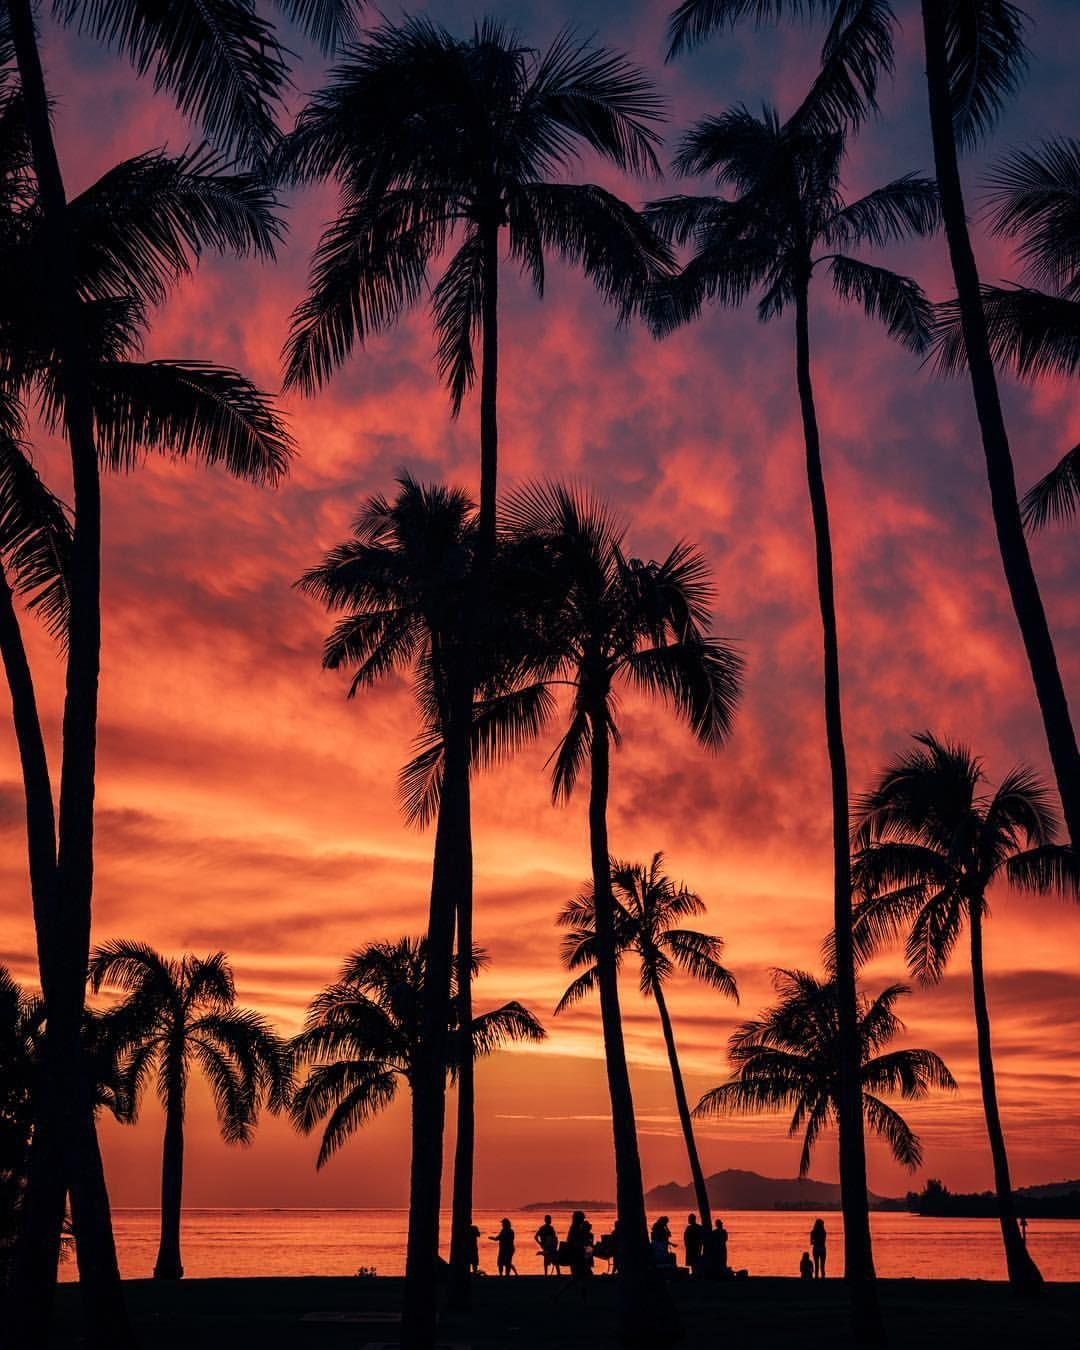 Delle palme al tramonto - Sfondi per PC, iPhone, Android e profilo WhatsApp da scaricare